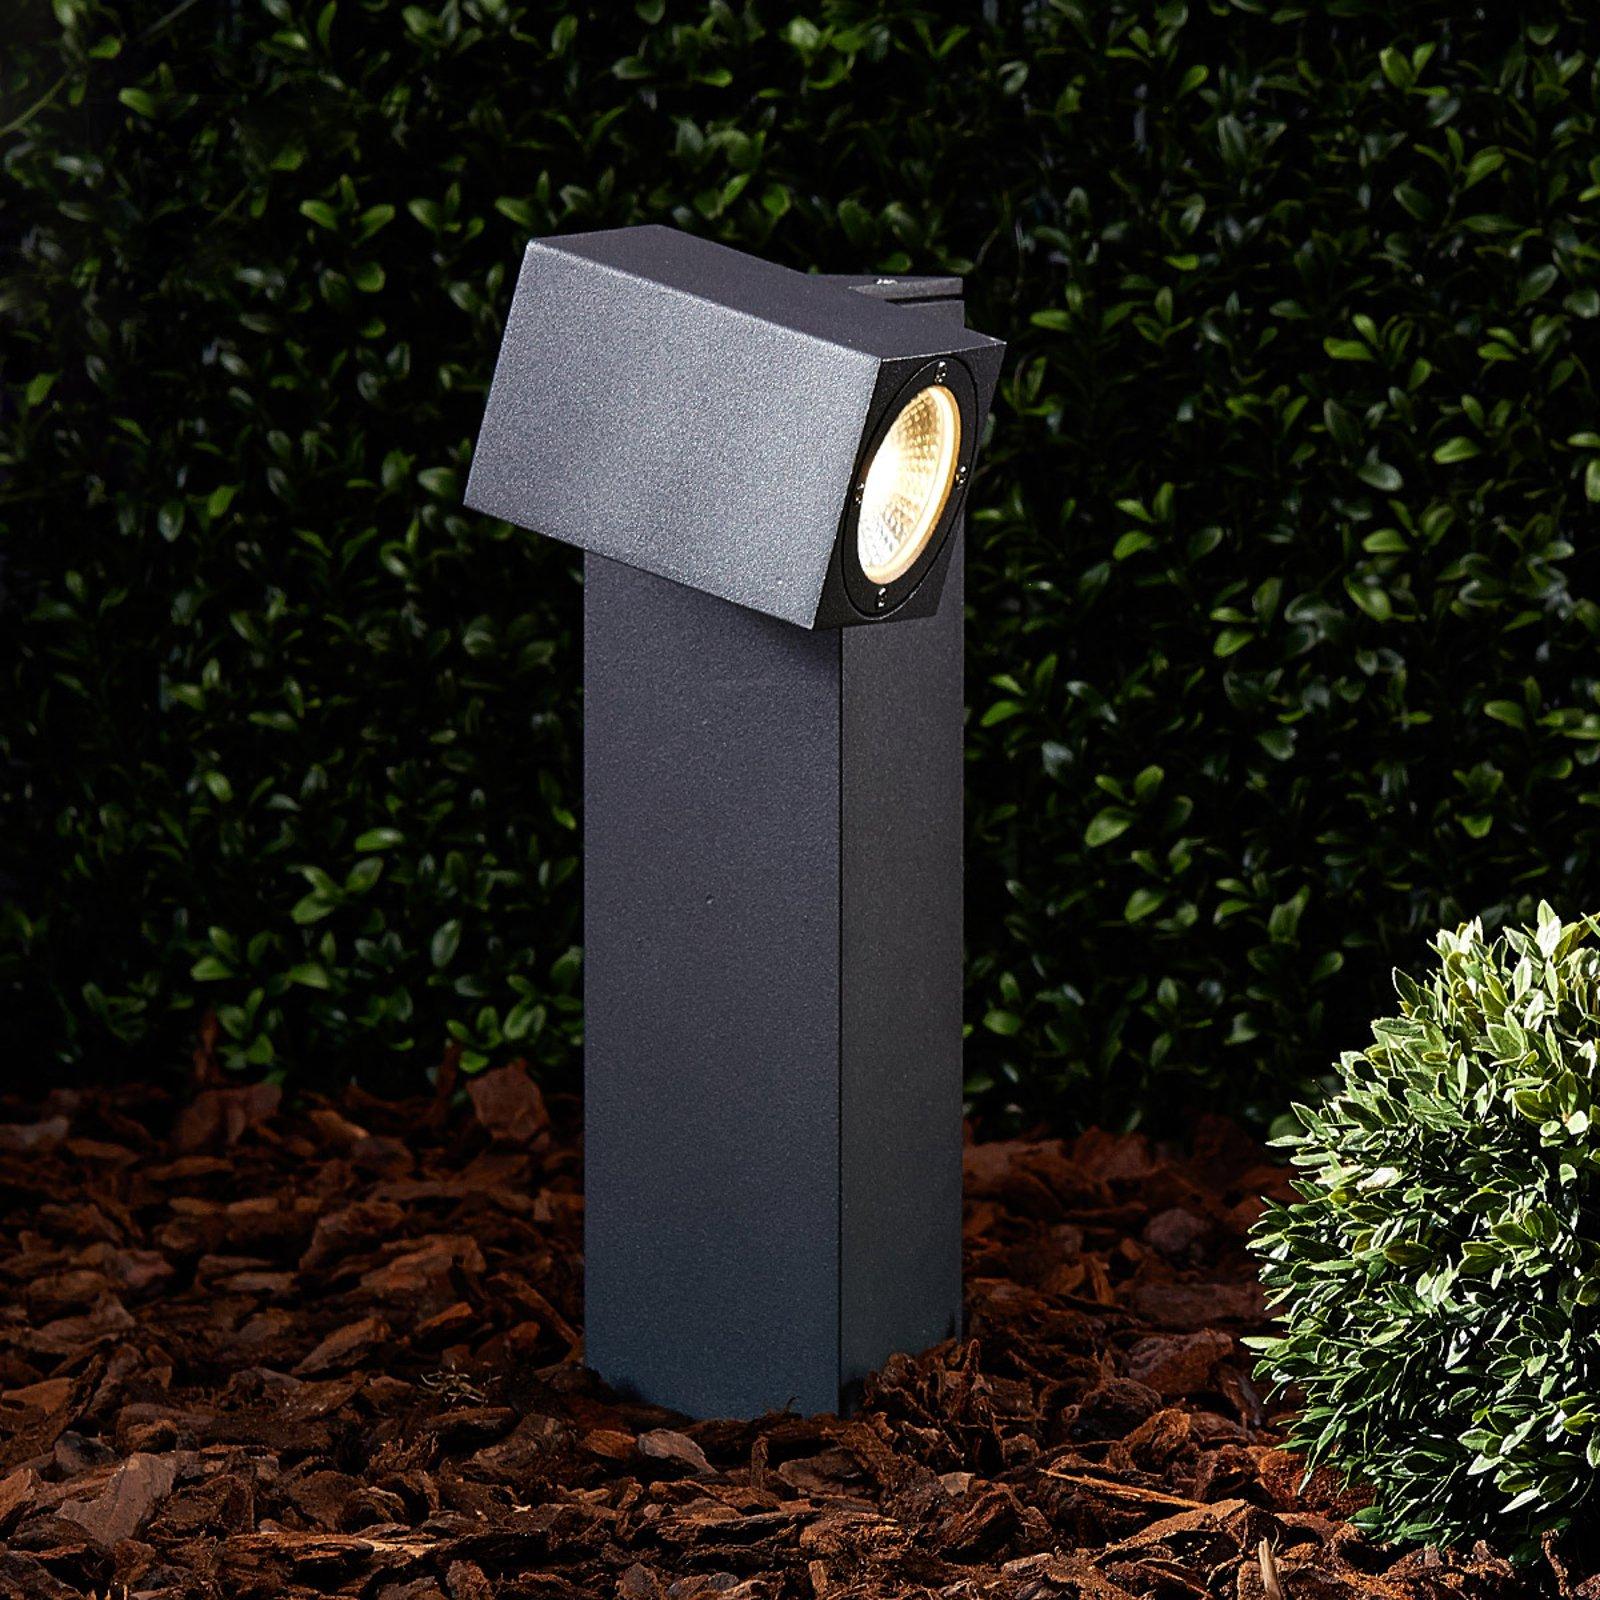 Justerbar Lorik LED-sokkellampe